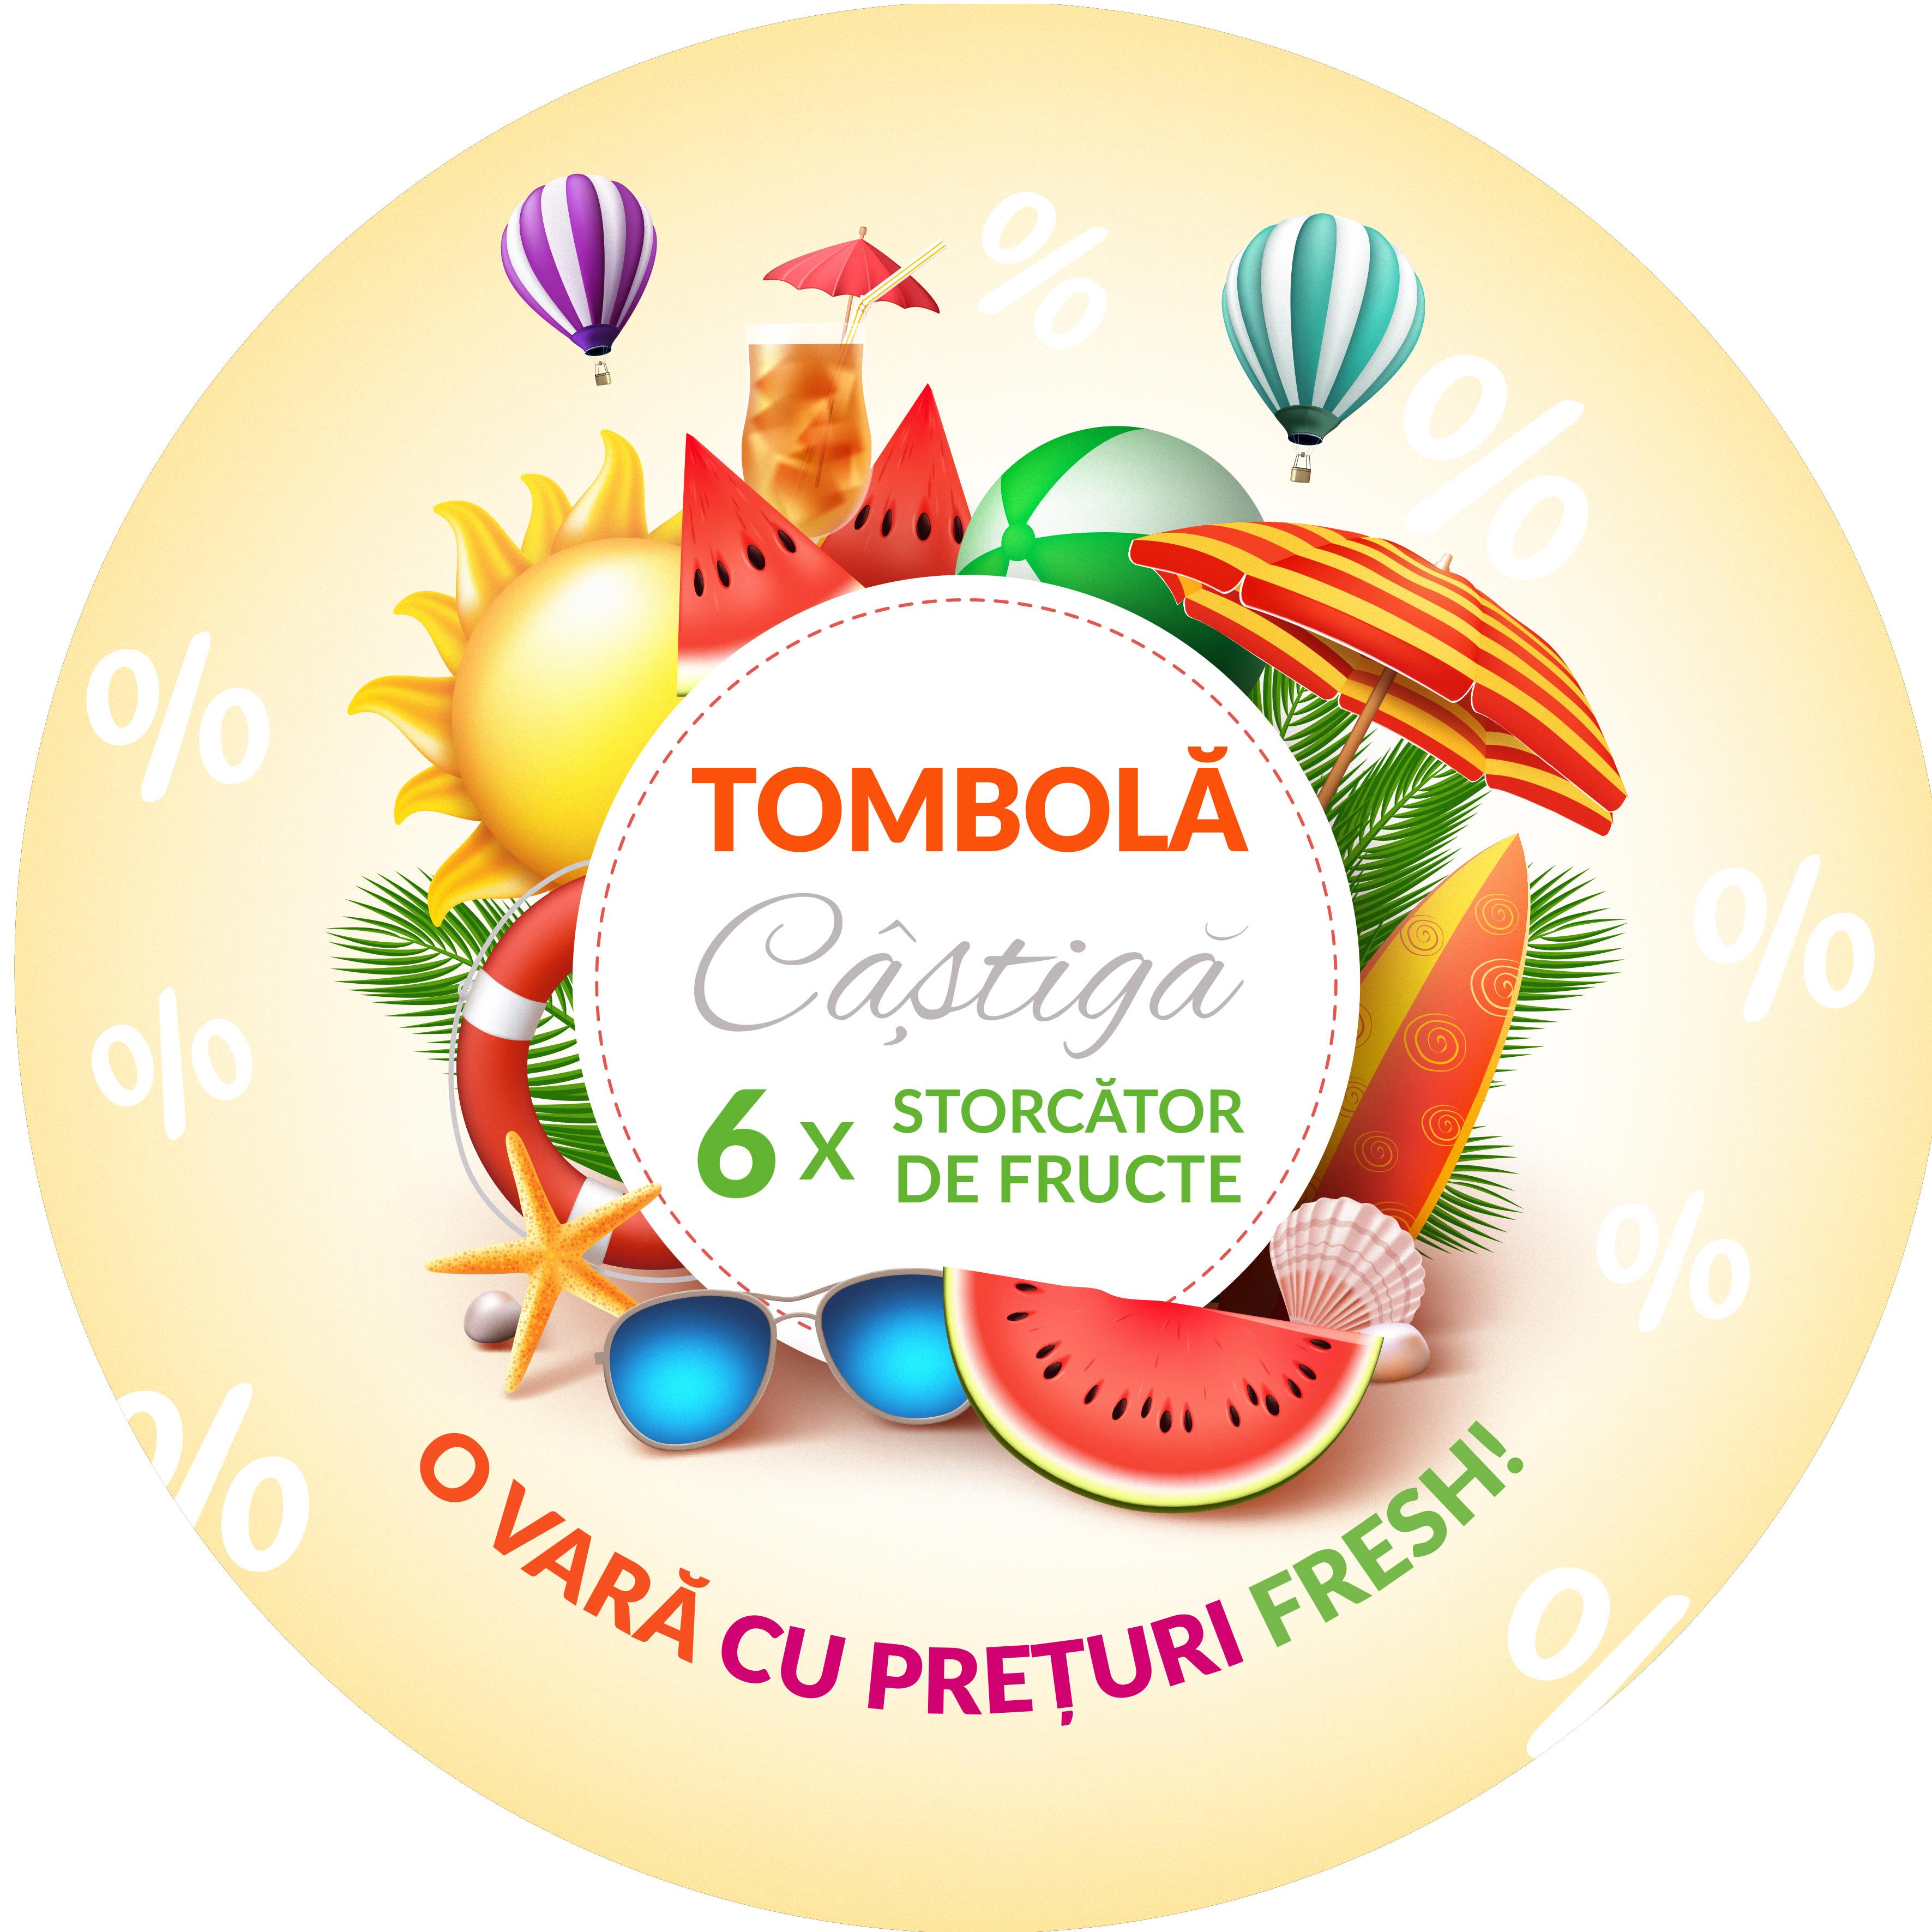 http://felicia-iasi.ro/news/la-felicia-ai-o-vara-cu-preturi-fresh/